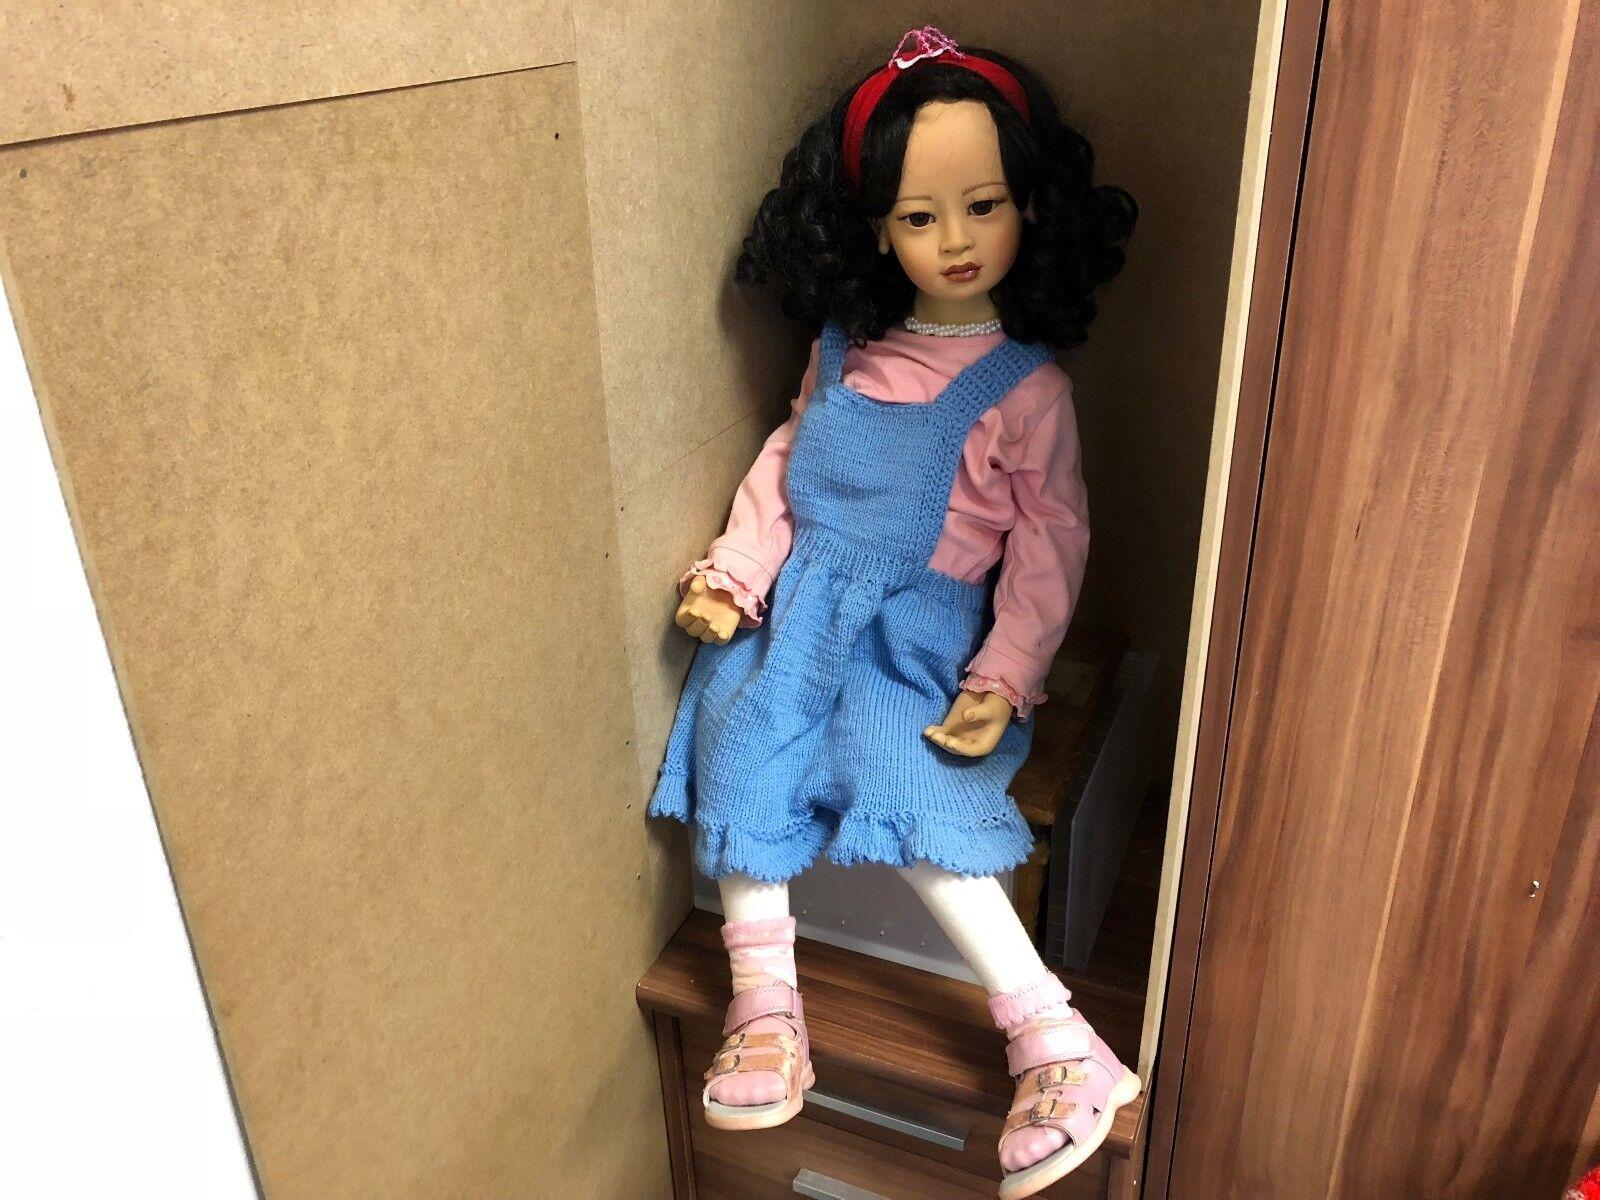 Dwi saptono vinilo muñeca 84 cm. edición limitada. top estado